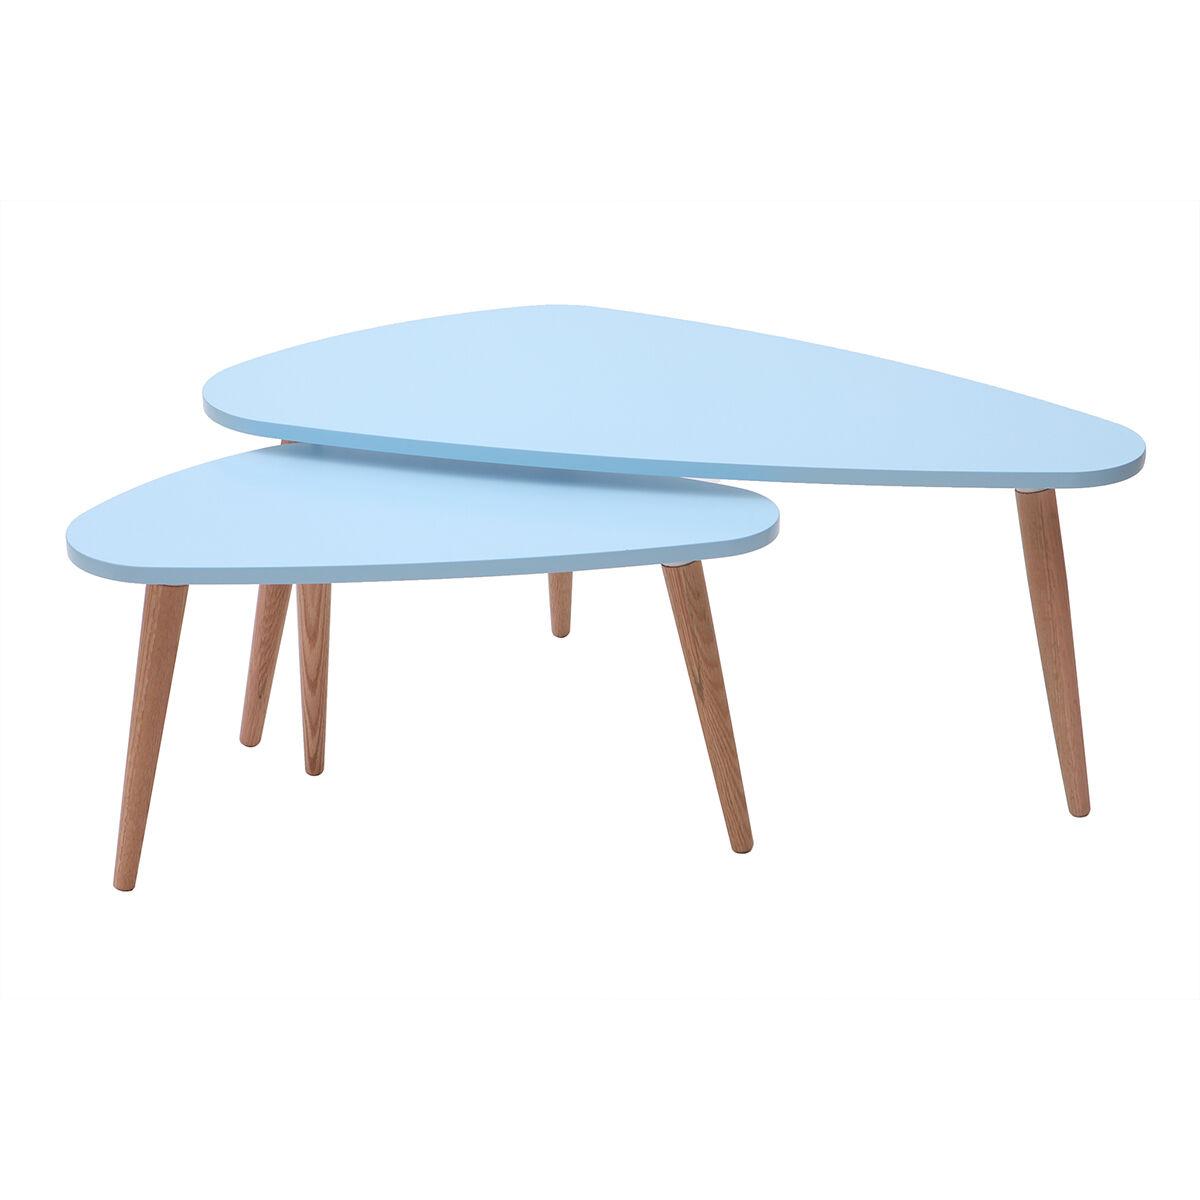 Miliboo Tables gigognes scandinaves bleu clair et bois clair (lot de 2) ARTIK